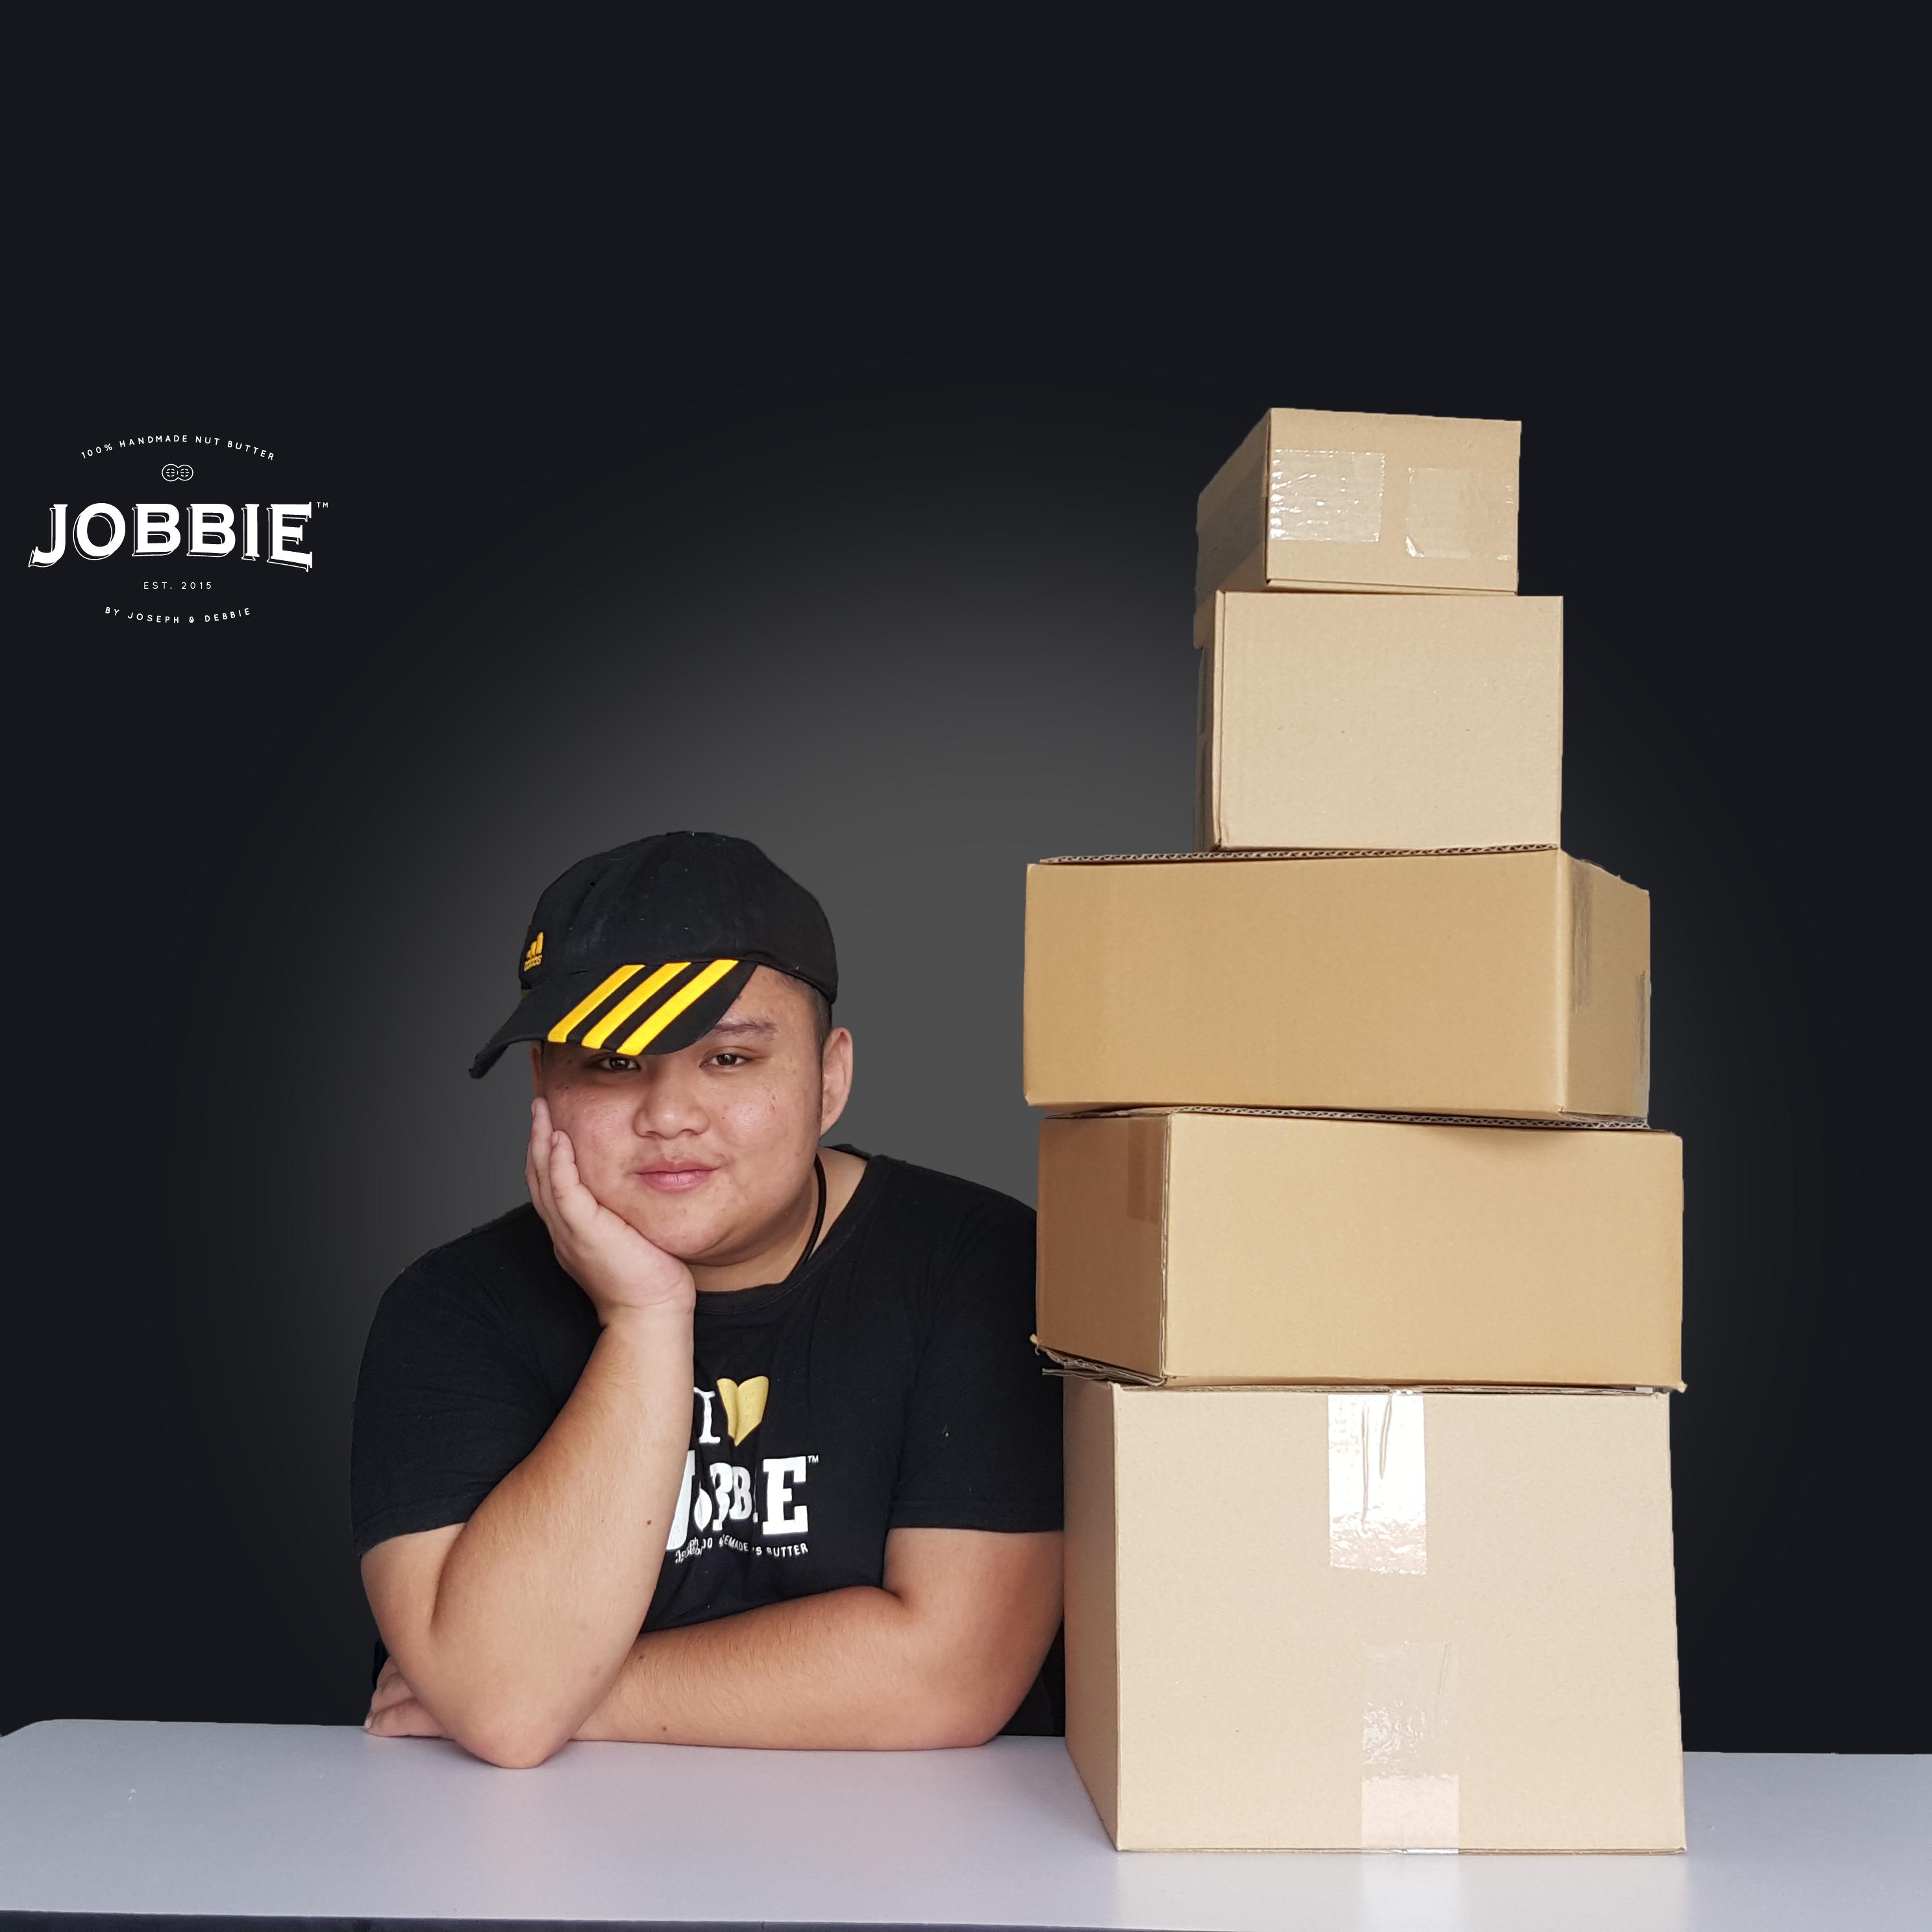 Jobbie delivery